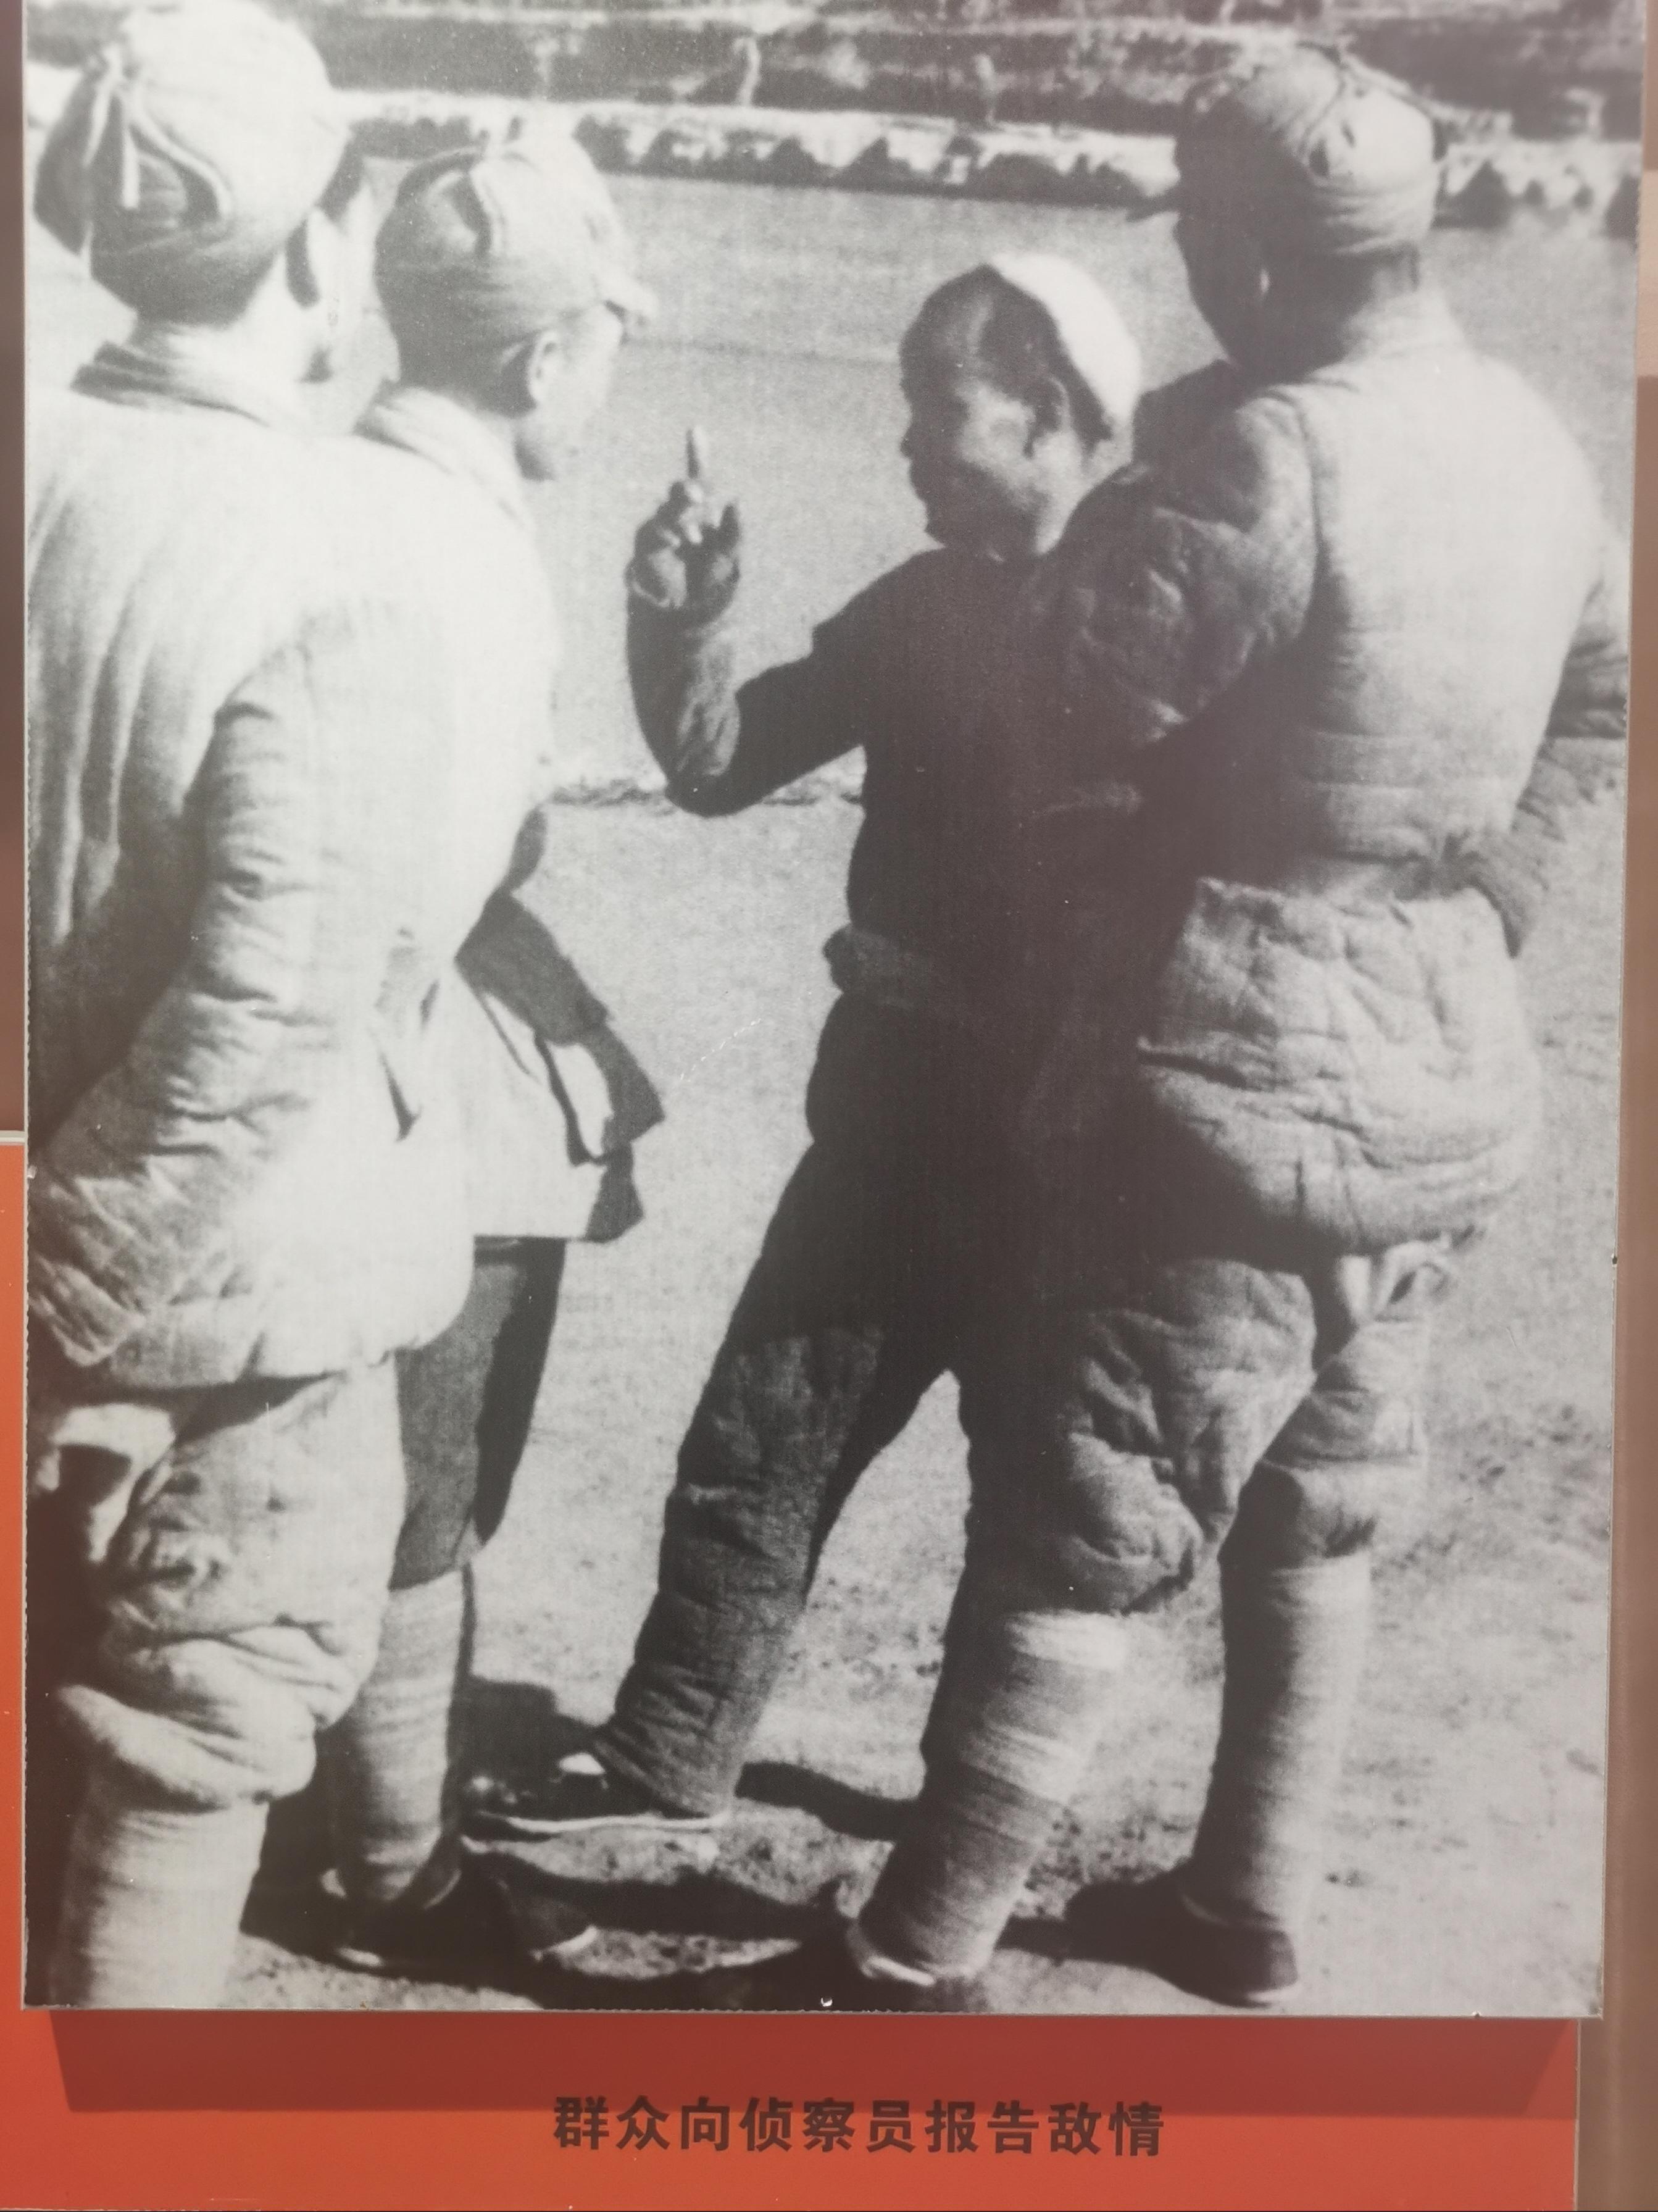 中共中央转战陕北期间的安全保卫工作(四)